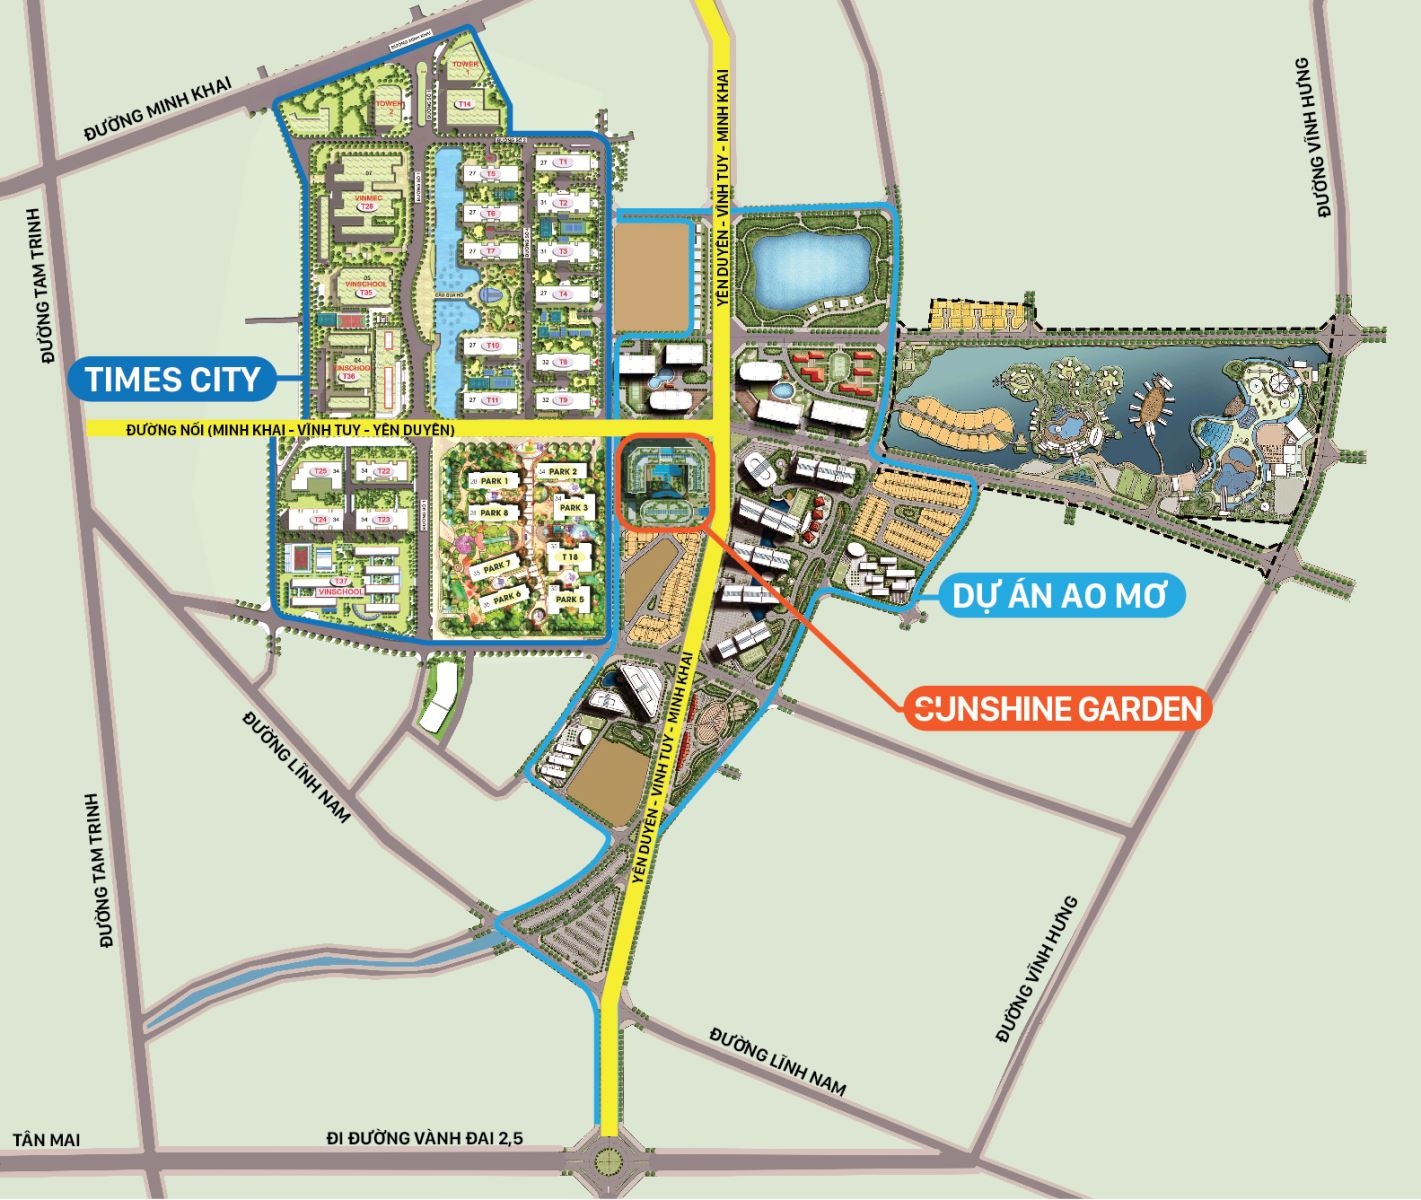 Bản đồ quy hoạch quận Hoàng Mai và giá trị tương lai của Sunshine Garden